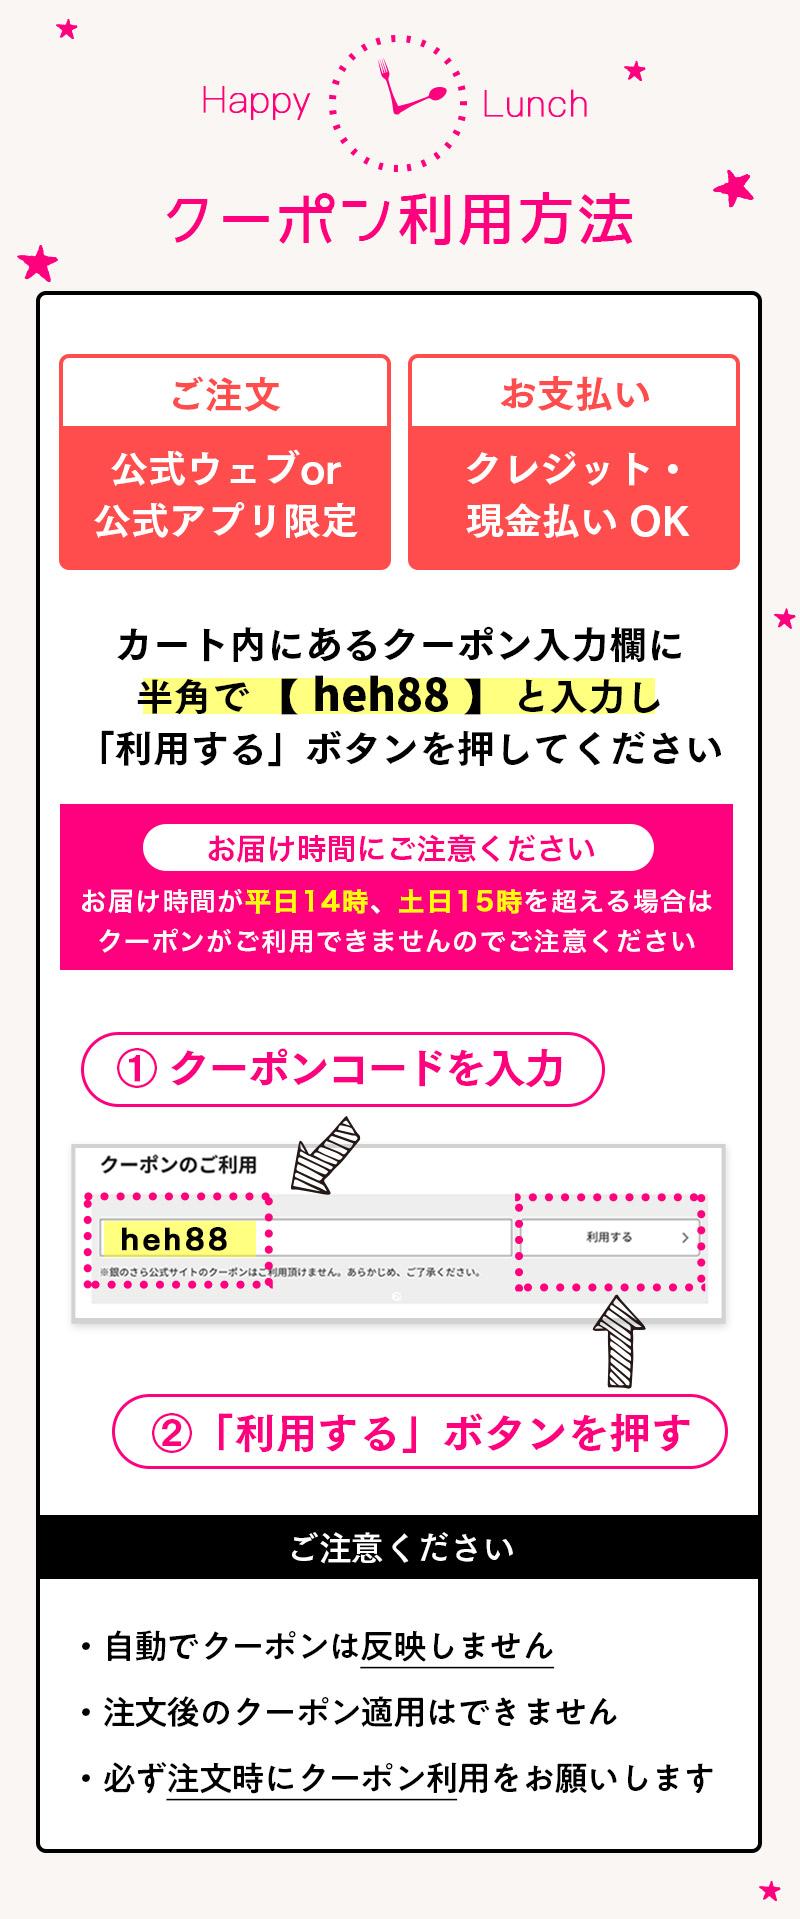 クーポン利用方法 カート内にあるクーポン入力欄に半角で 【 heh88 】 と入力し「利用する」ボタンを押してください